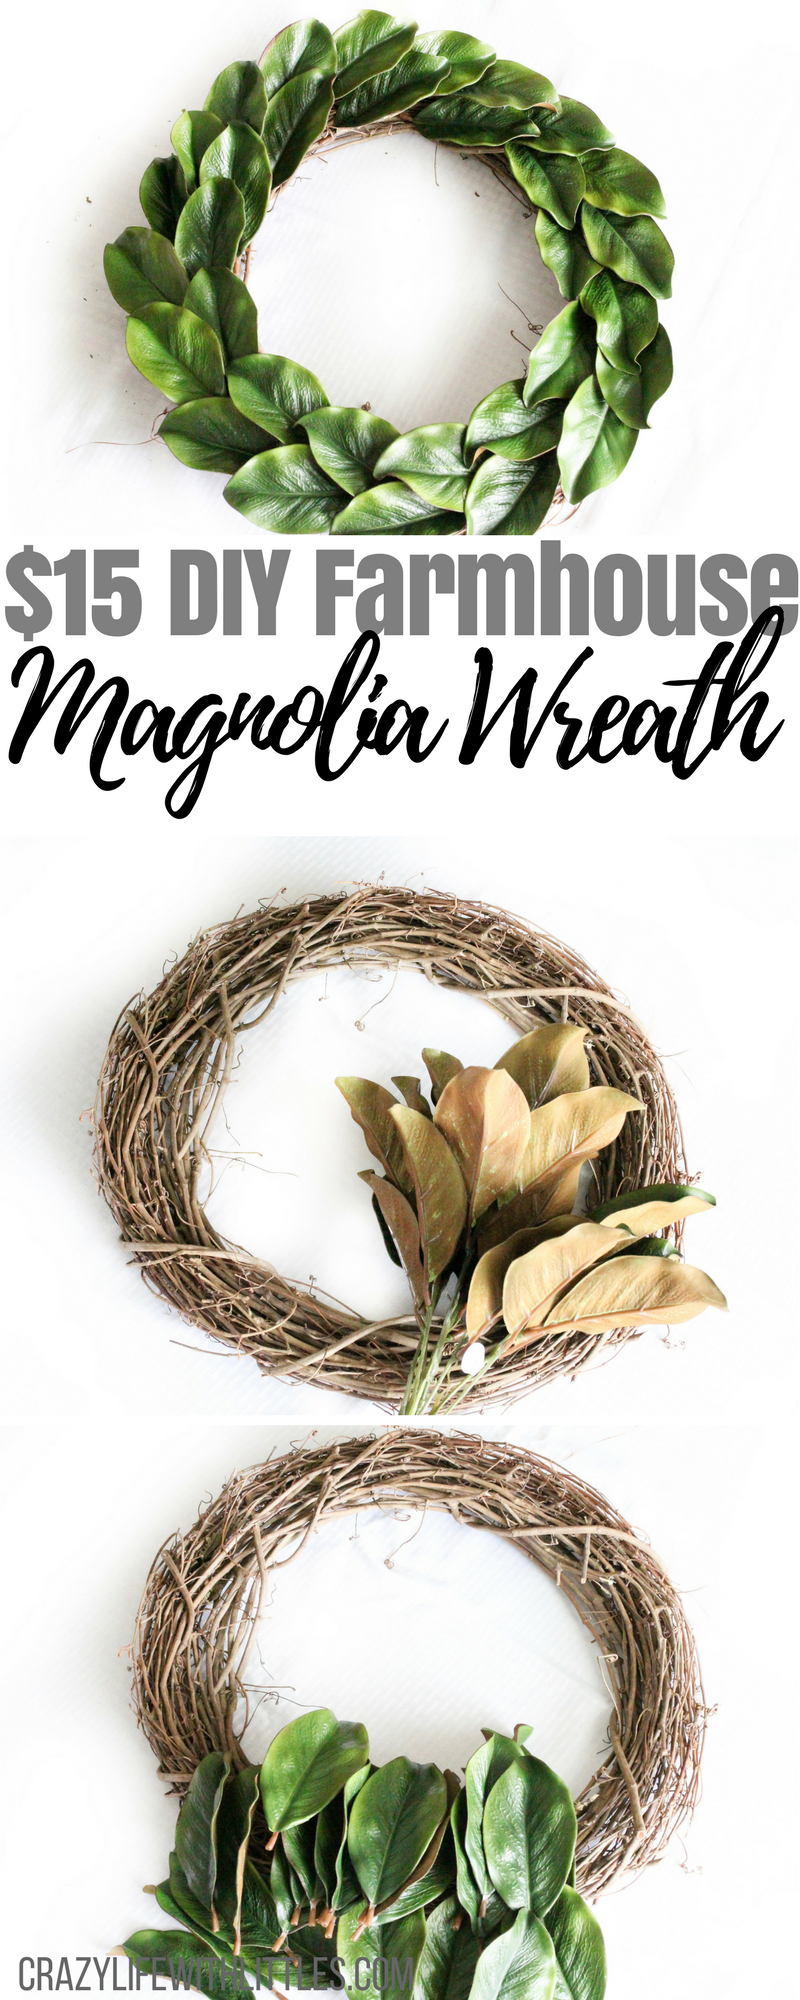 #farmhousedecor #magnoliawreath $15 Farmhouse DIY Magnolia Wreath, farmhouse decor, modern farmhouse, fixer upper, magnolia wreath hobby lobby